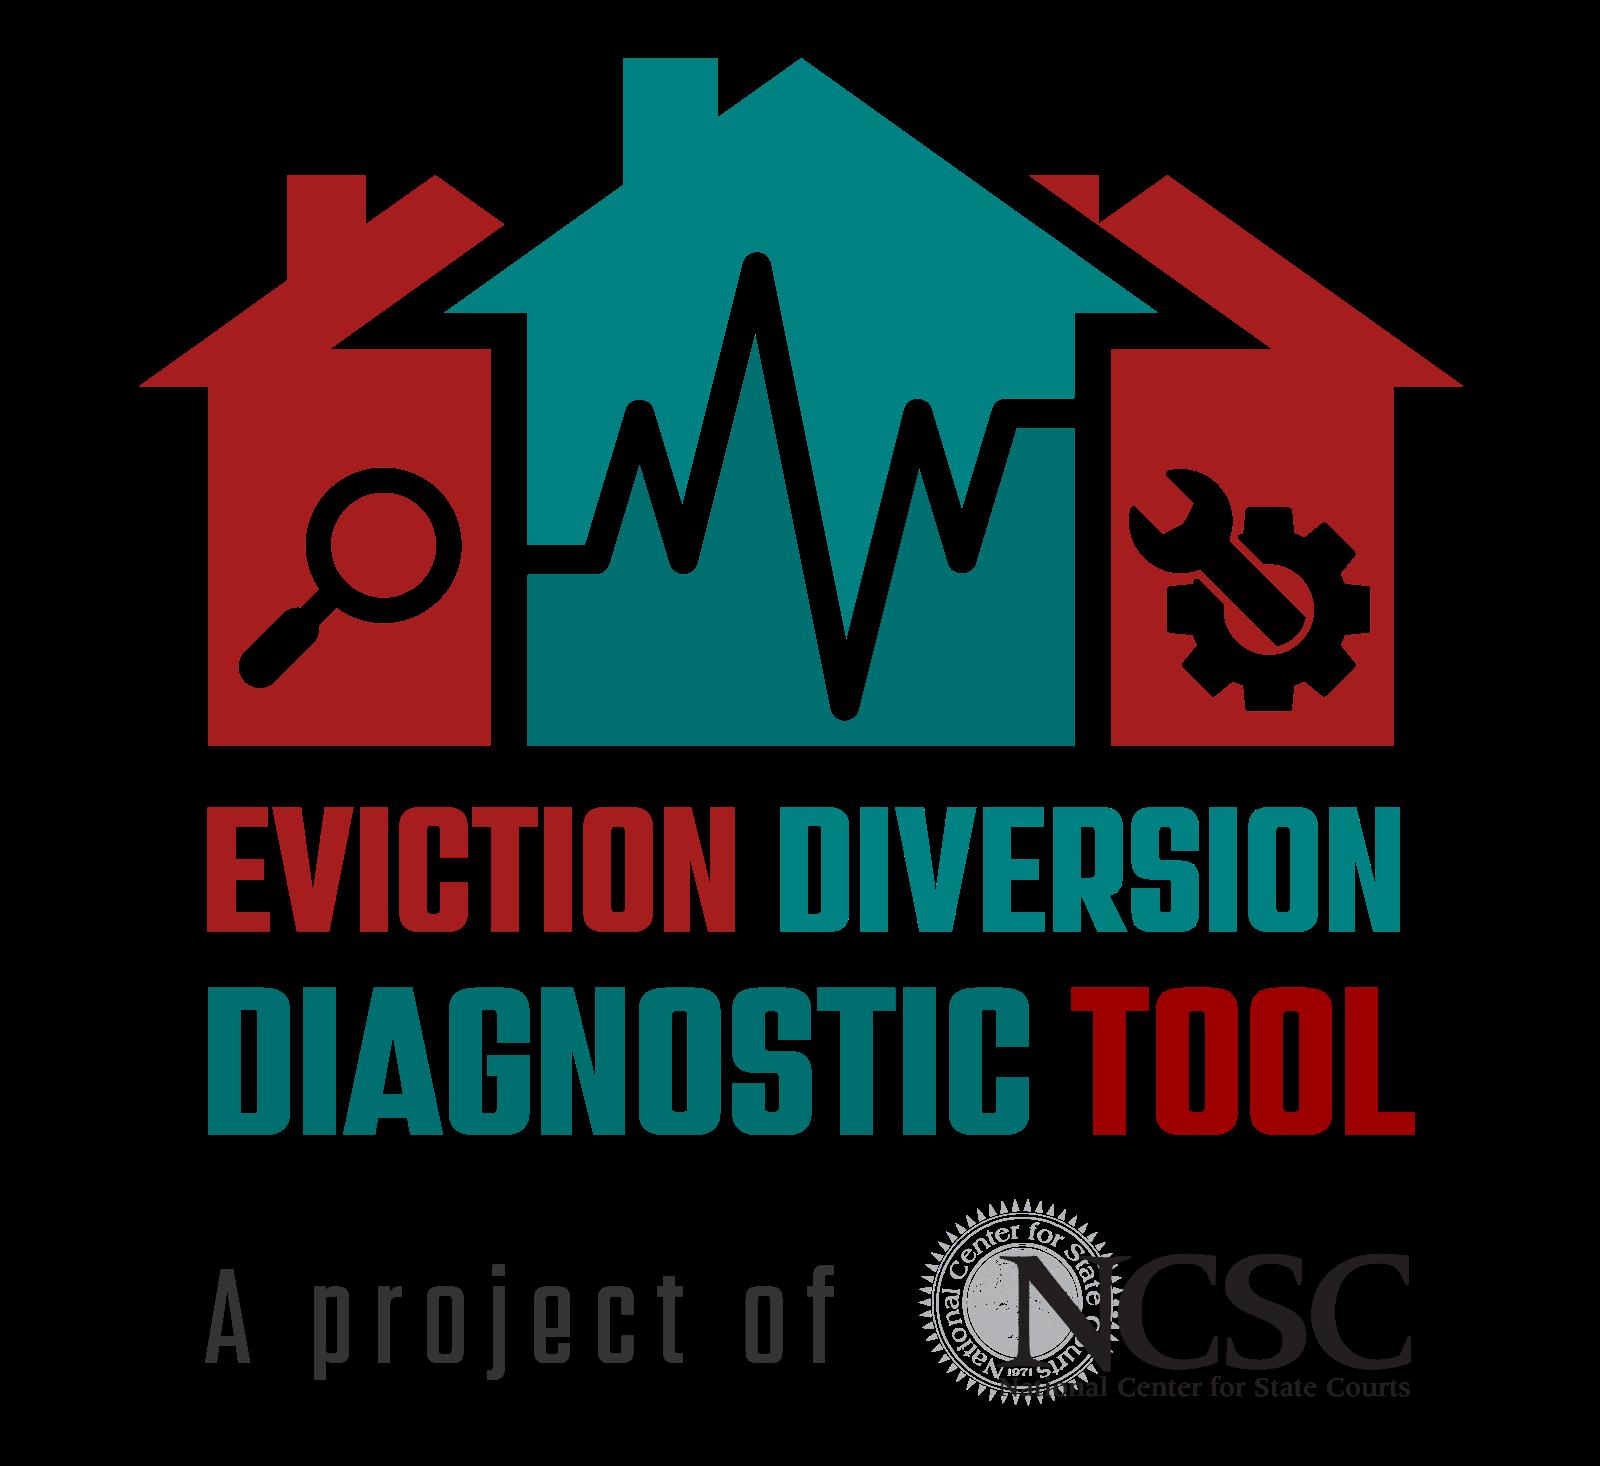 eviction diversion